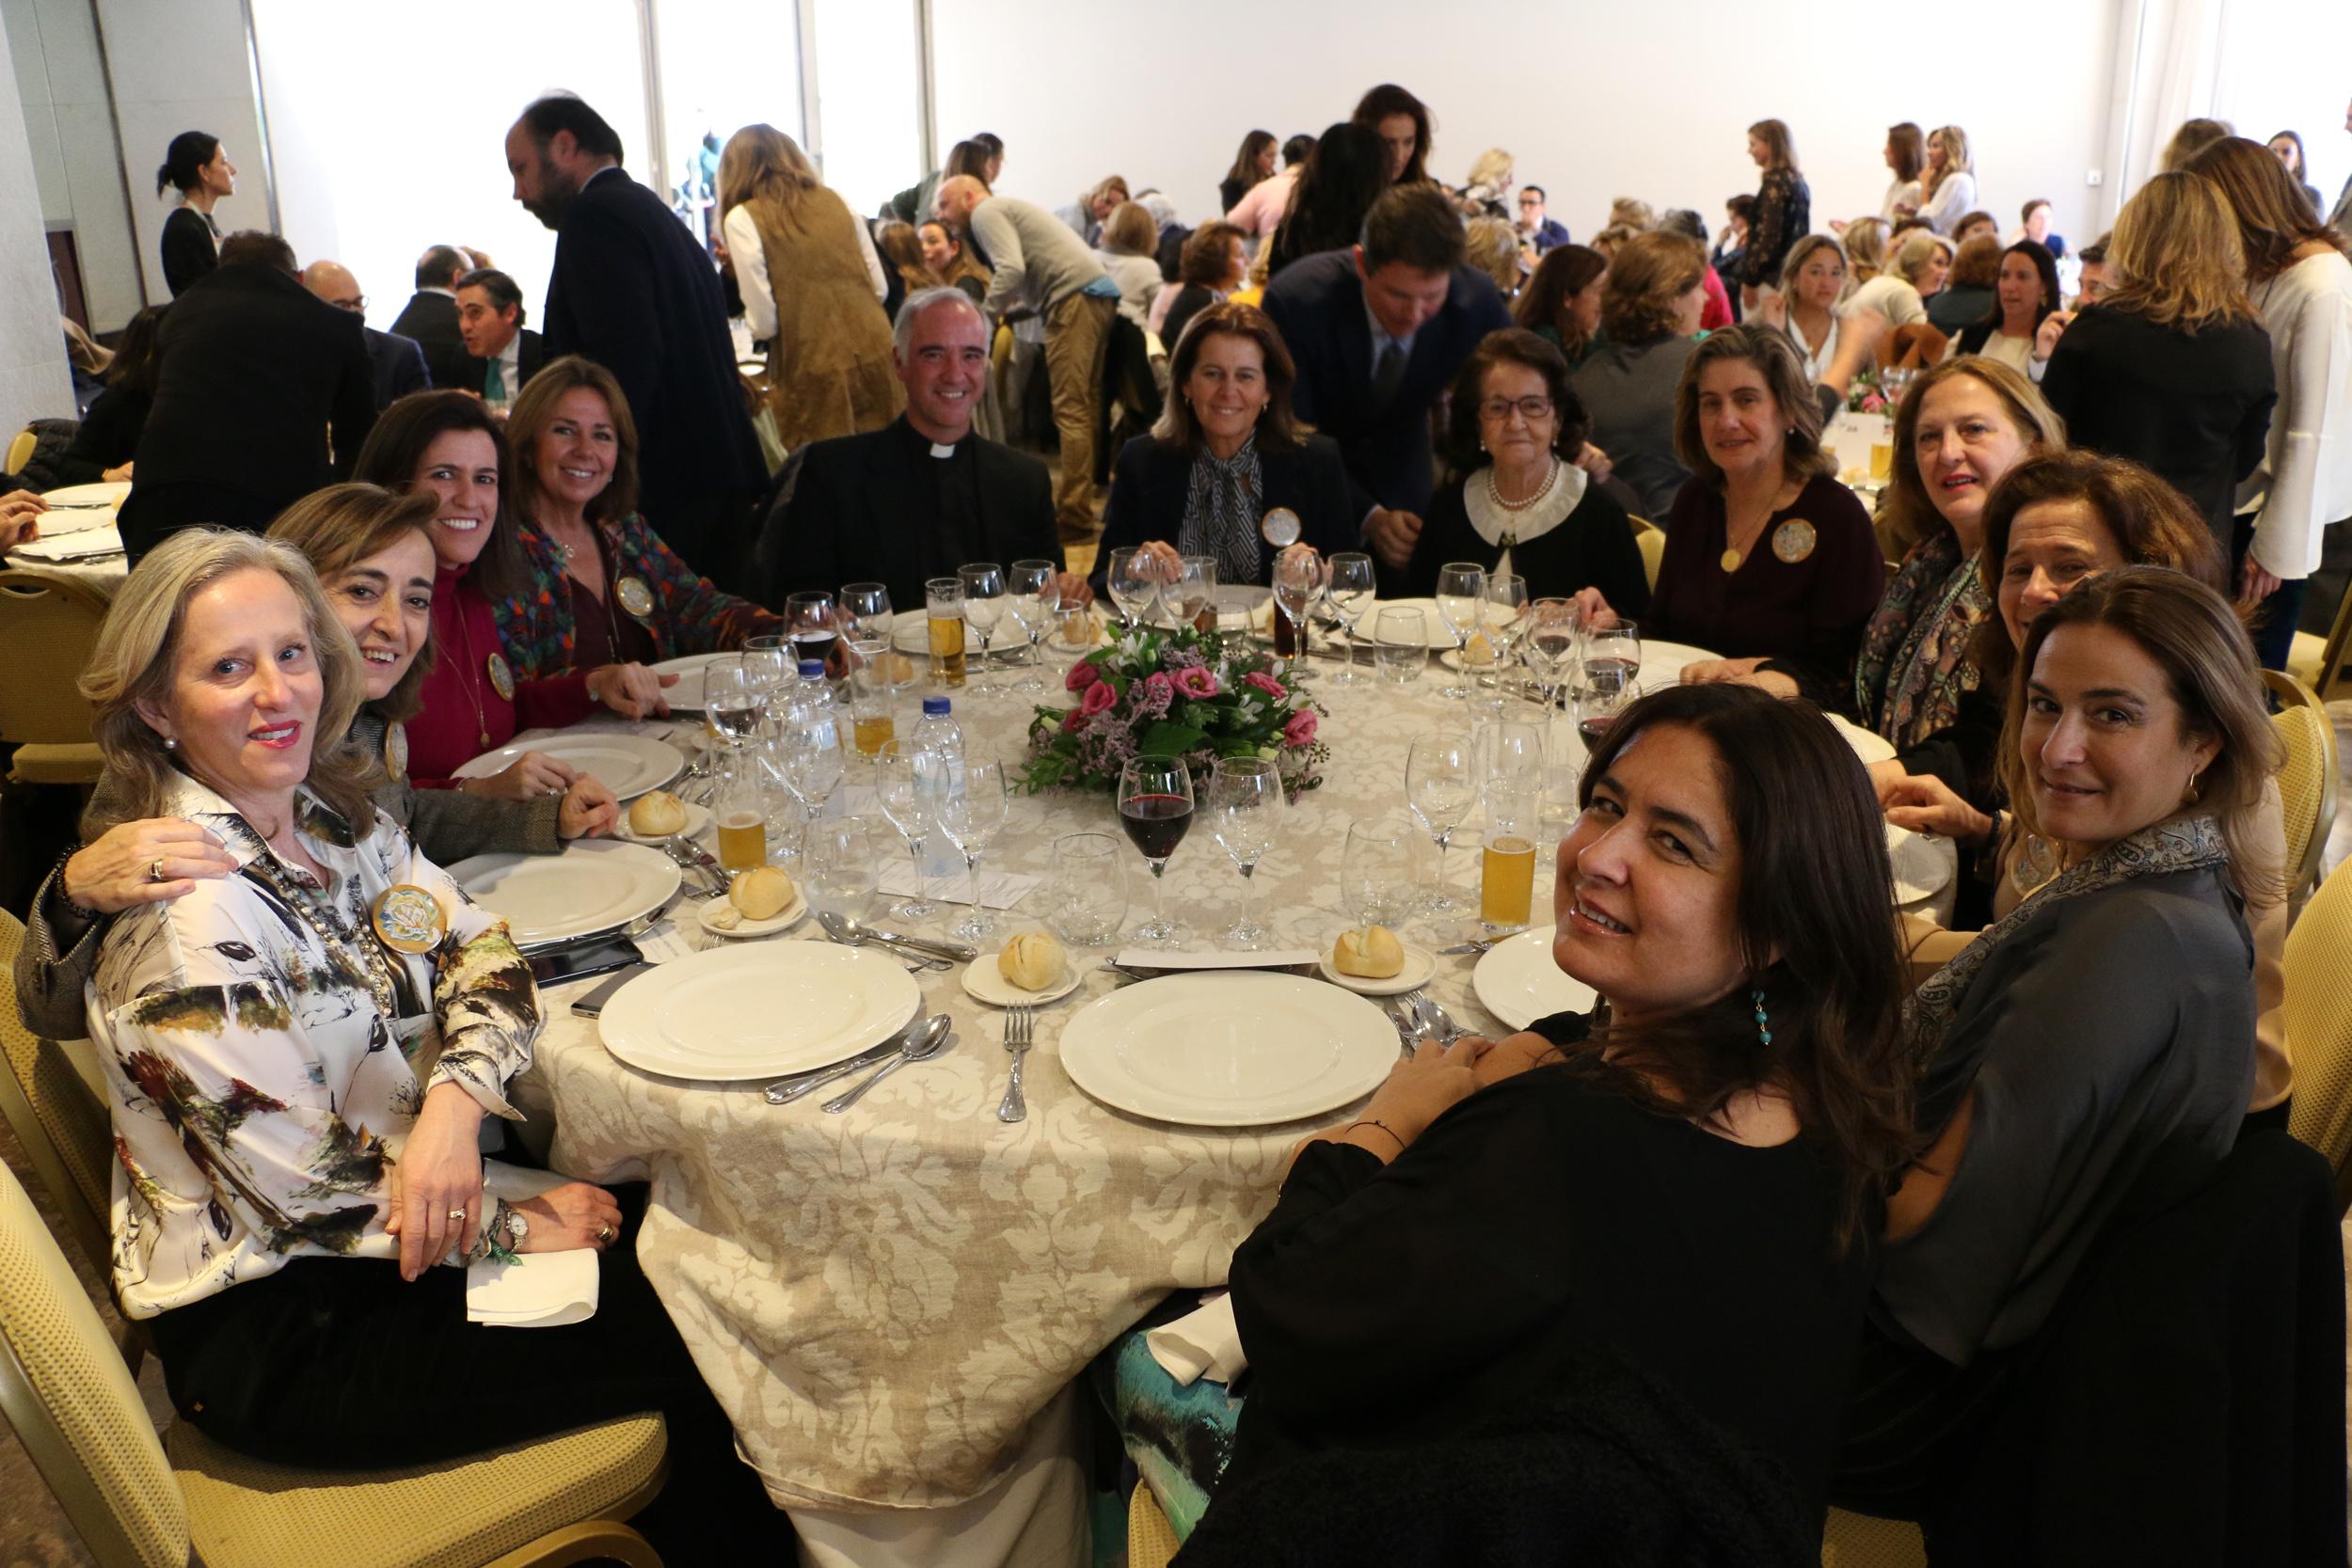 HOMENAJE AL PÁRROCO IGNACIO JIMÉNEZ SÁNCHEZ -DALP EN EL RASTRILLO DE NUEVO FUTURO